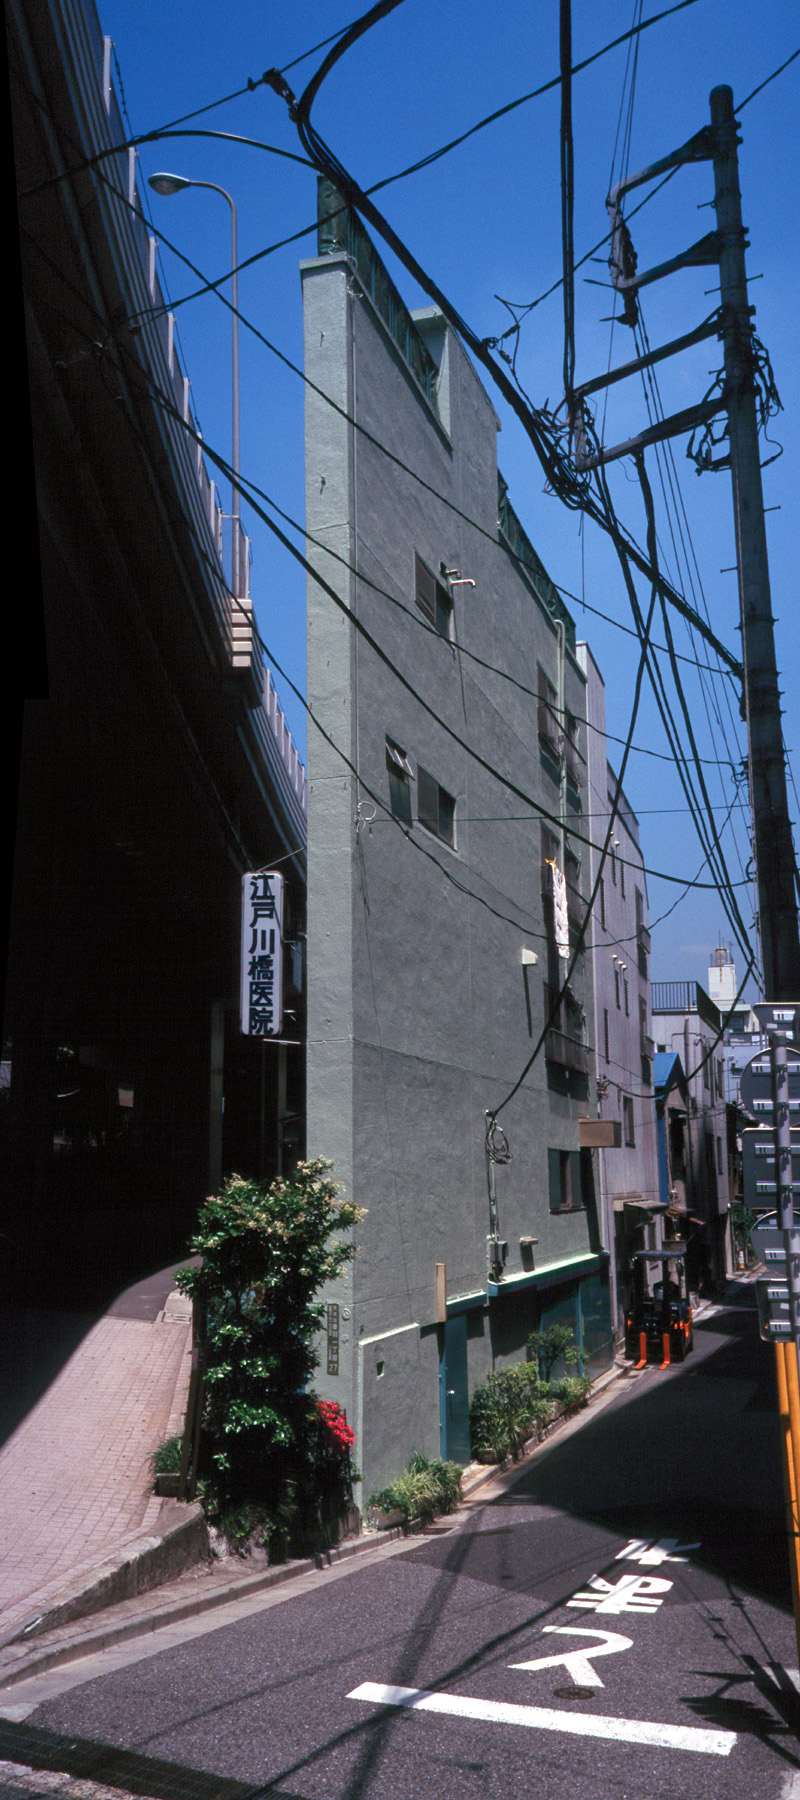 006 江戸川橋のカミソリビル 文京区音羽1-27-1 20000530(00.25.30-31)